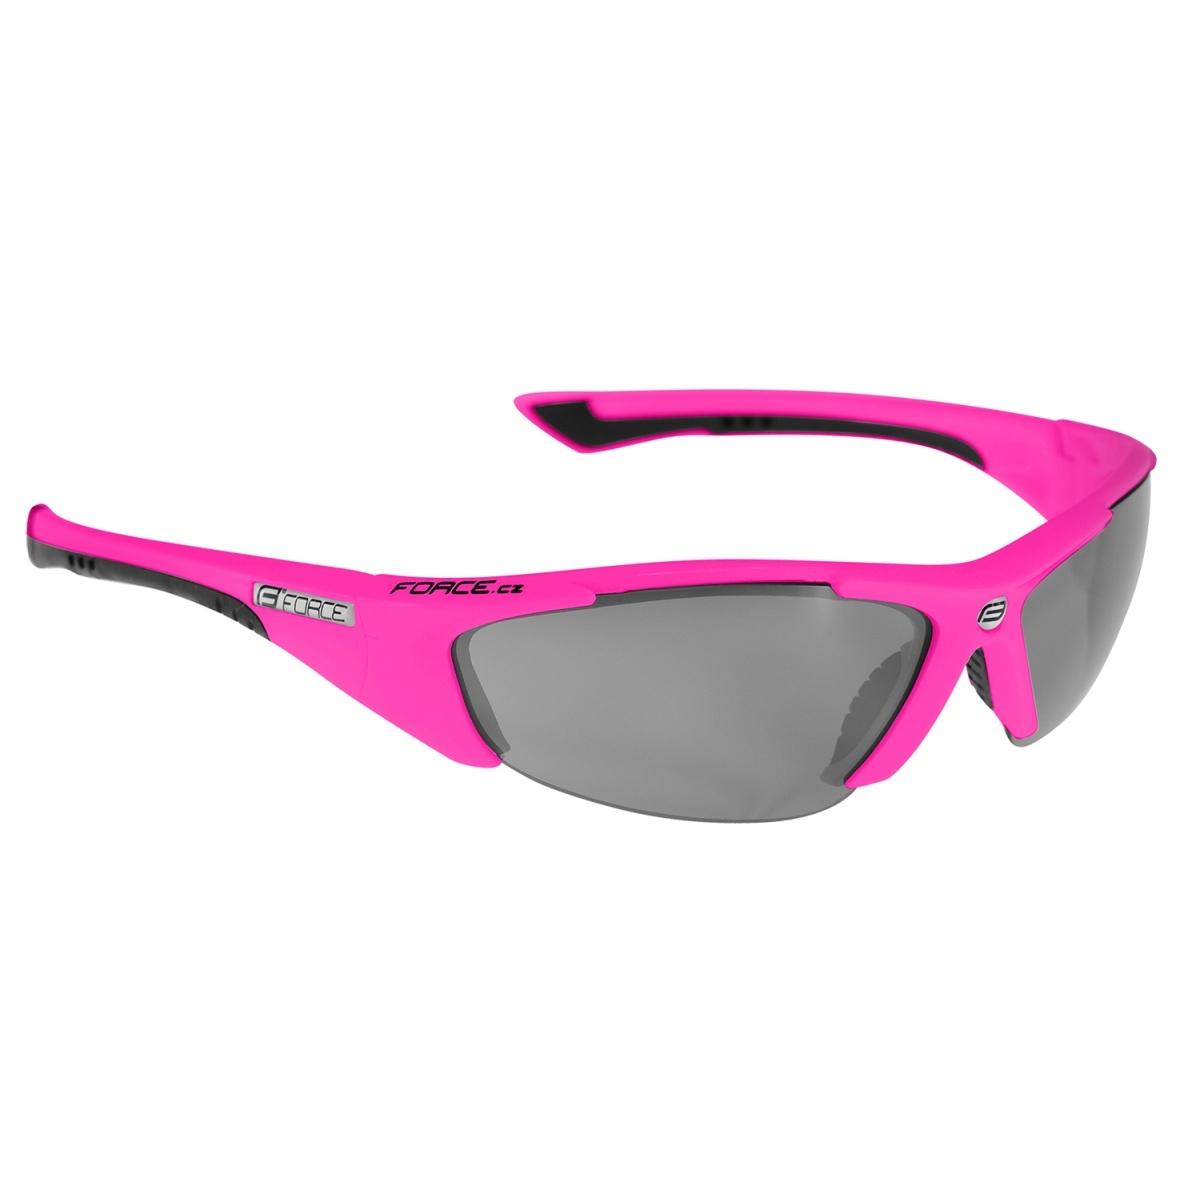 Brýle FORCE LADY růžové, černá laser skla (dámské brýle)